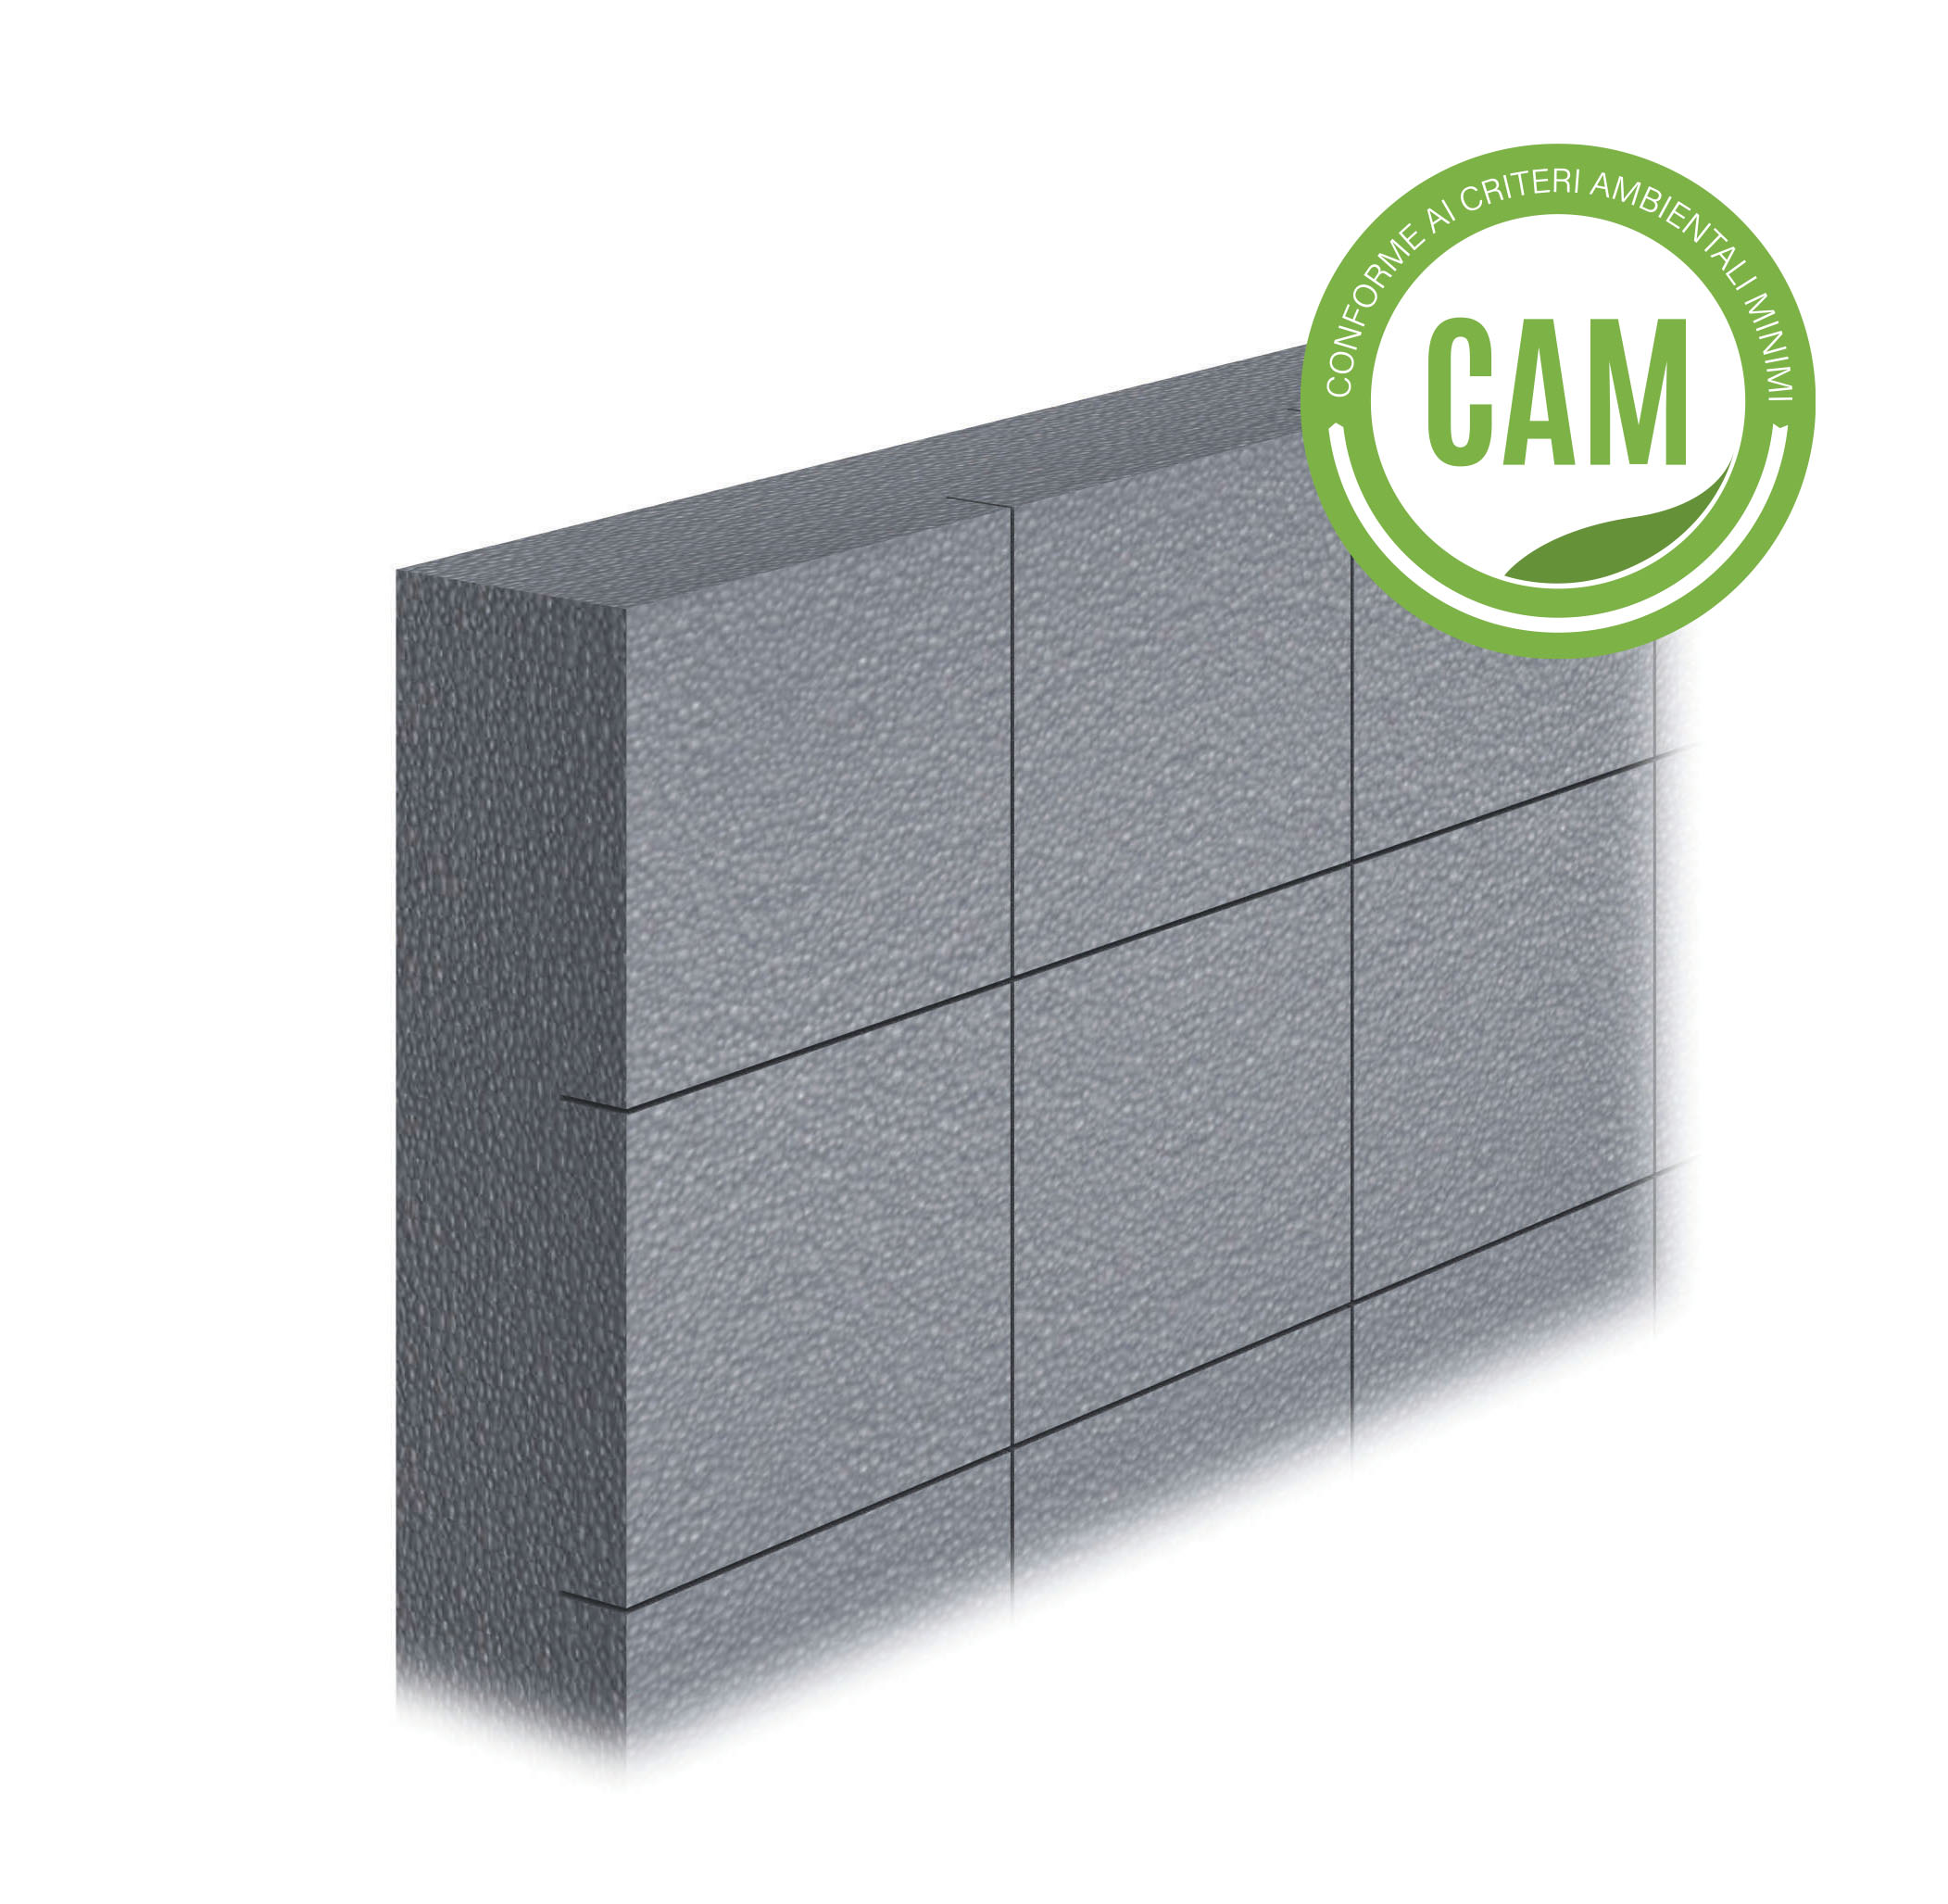 LASTRA EPS SILVERTECH 031: Lastra isolante stampata in EPS additivato con grafite, con conducibilità termica 0.031 W/(m·K).Conforme ai CAM